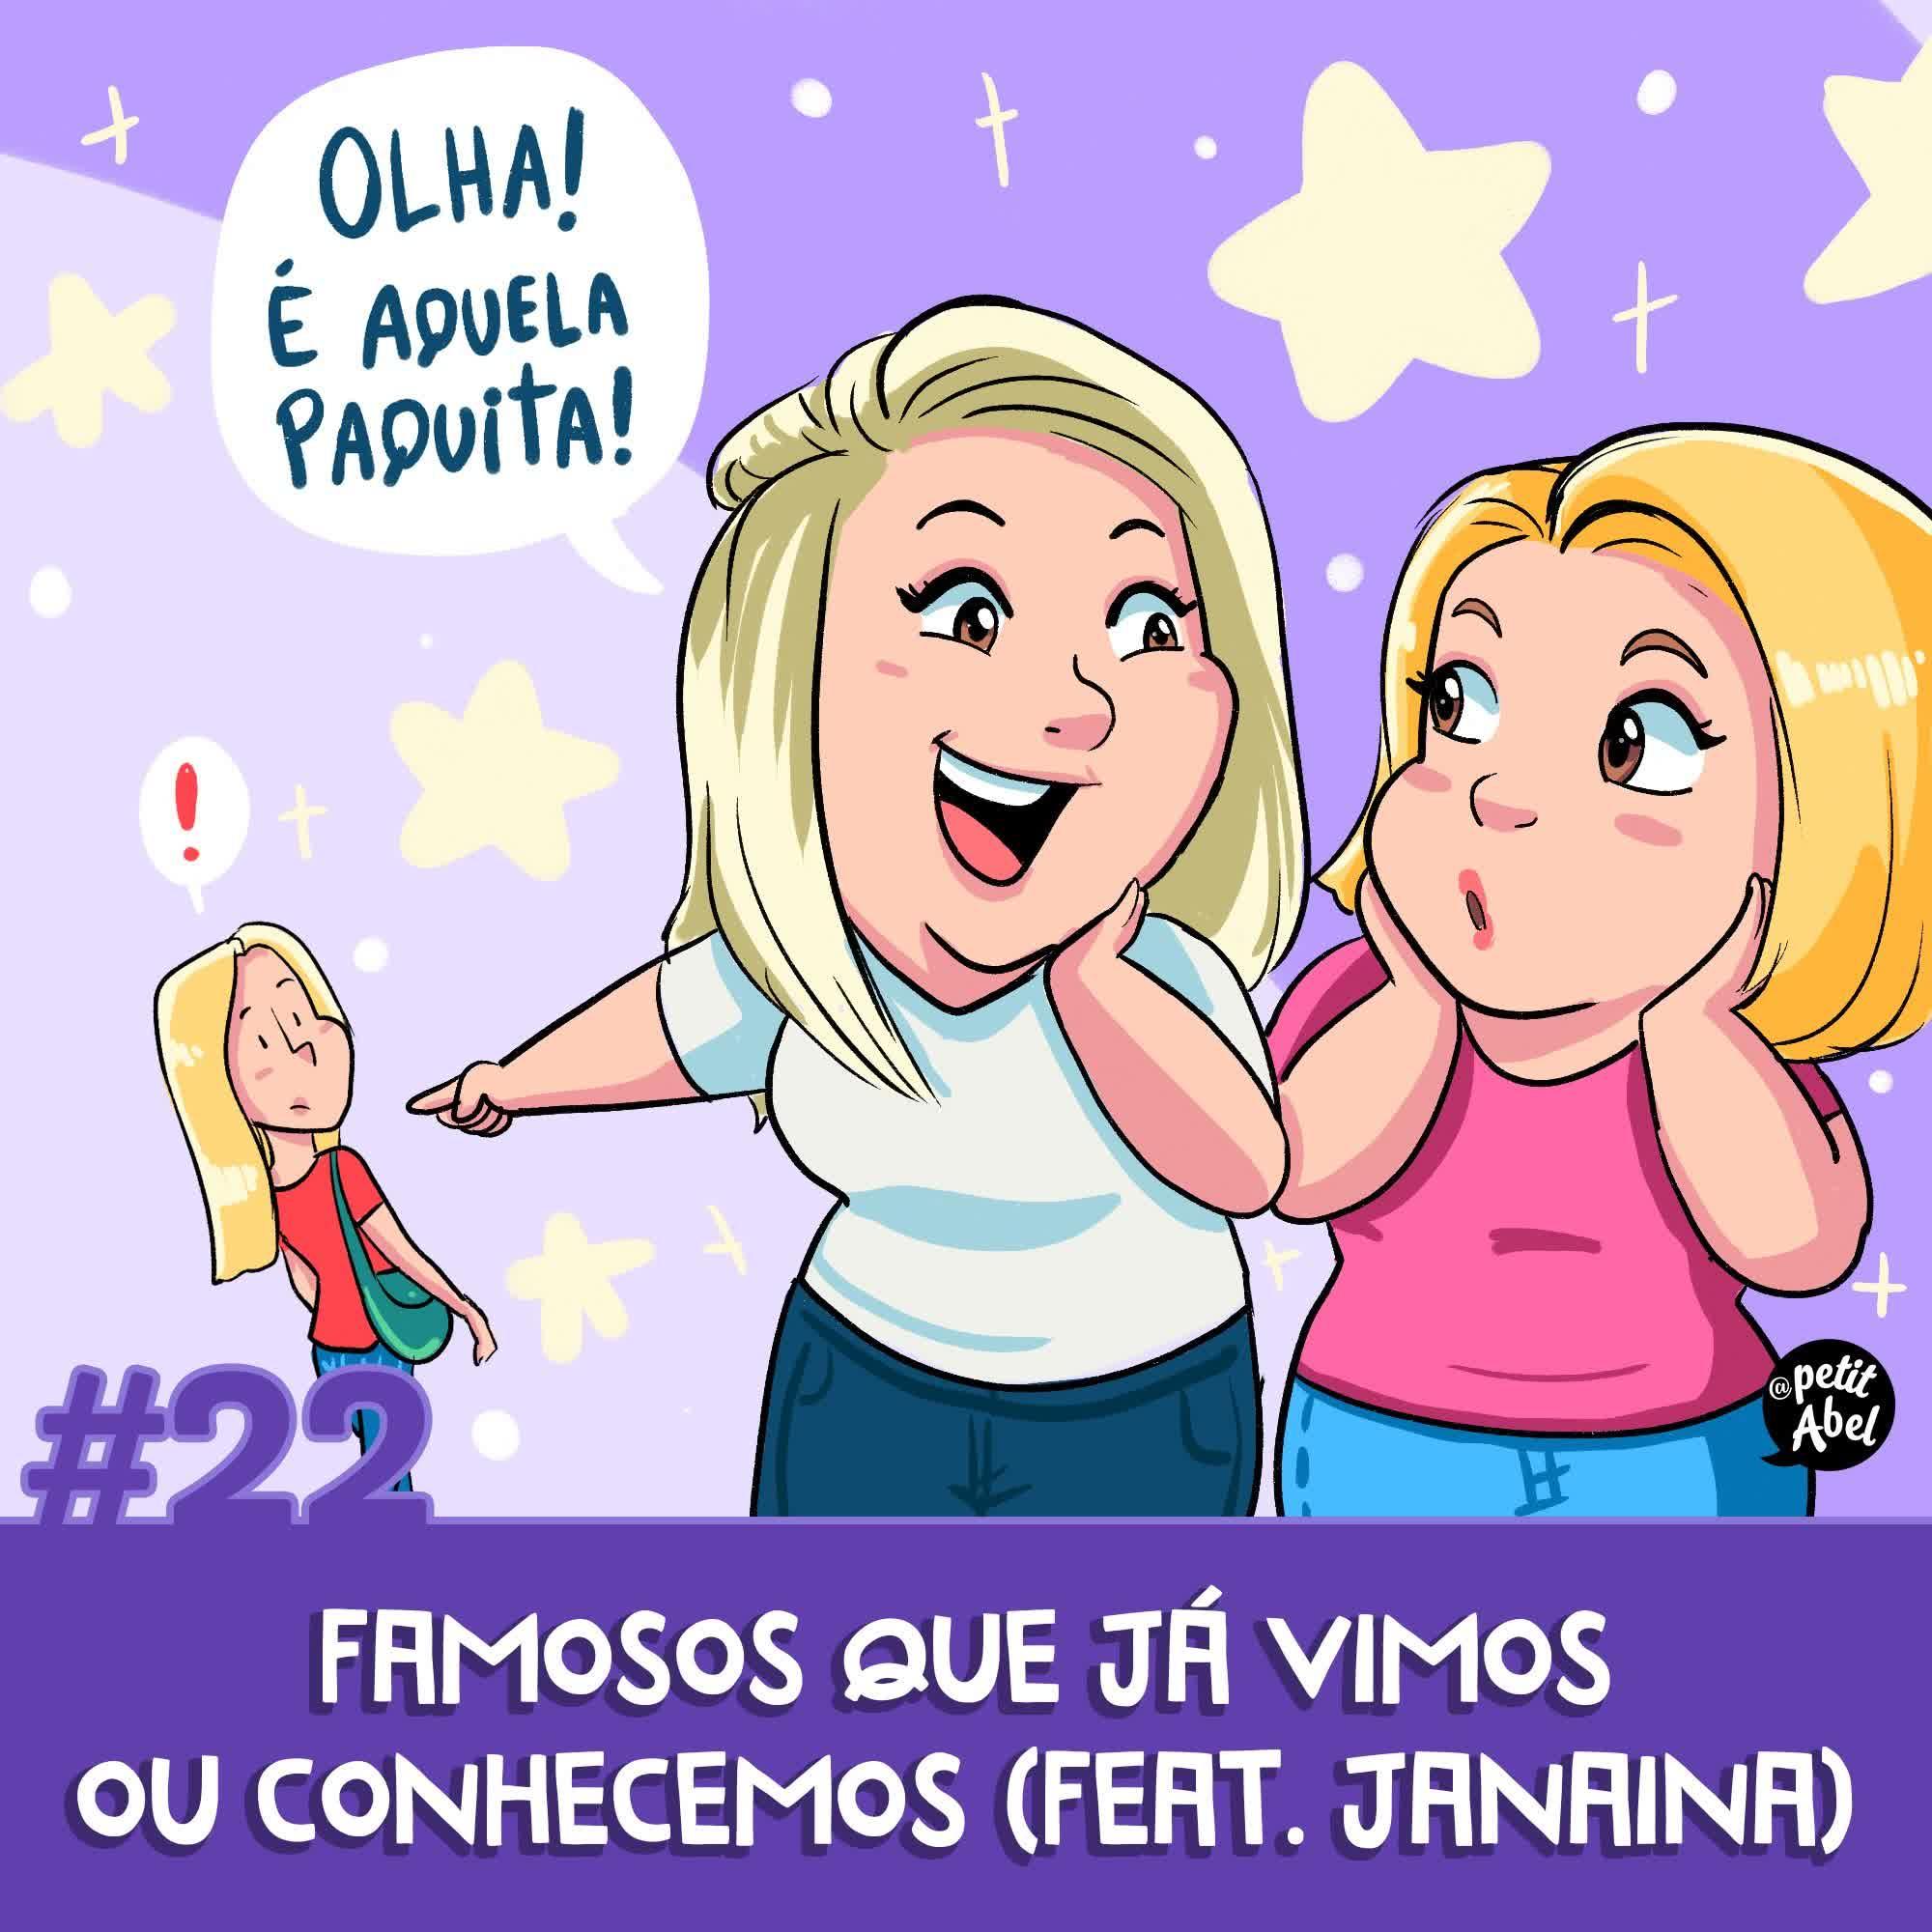 #22 - Famosos que já vimos ou conhecemos (feat. Janaina)